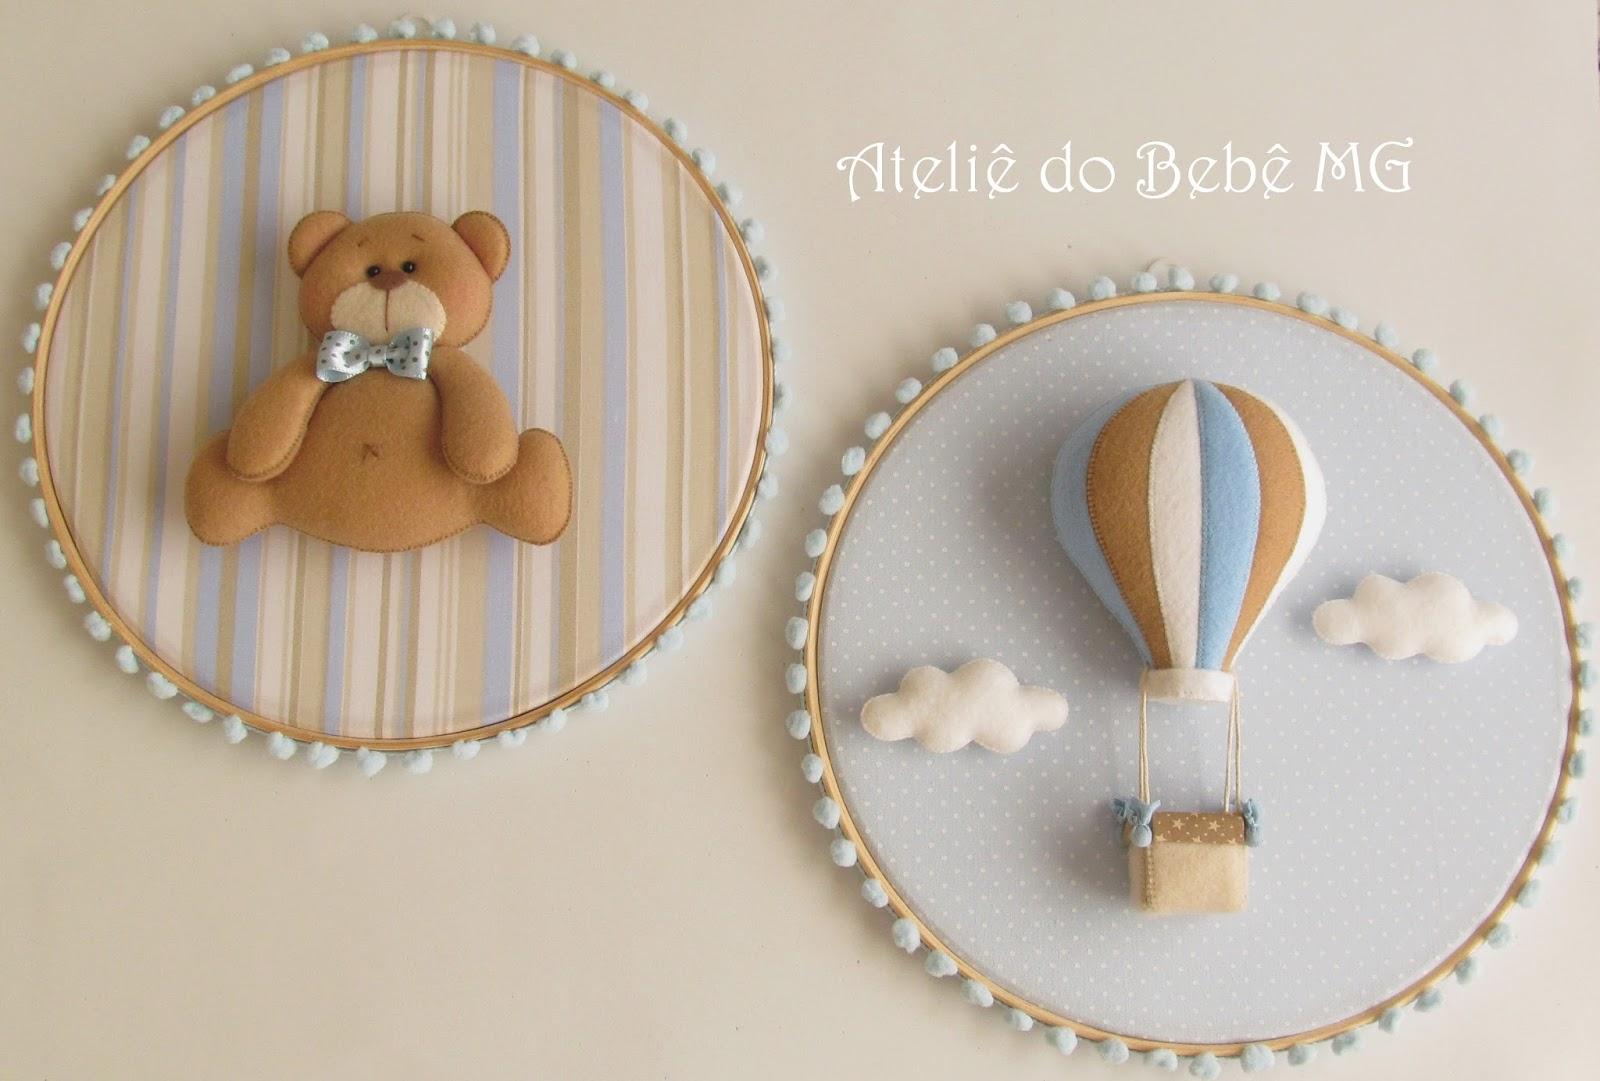 Ateliê do Bebê MG: Duo de Quadros Urso e Balão ( Thomáz ) #784928 1600x1081